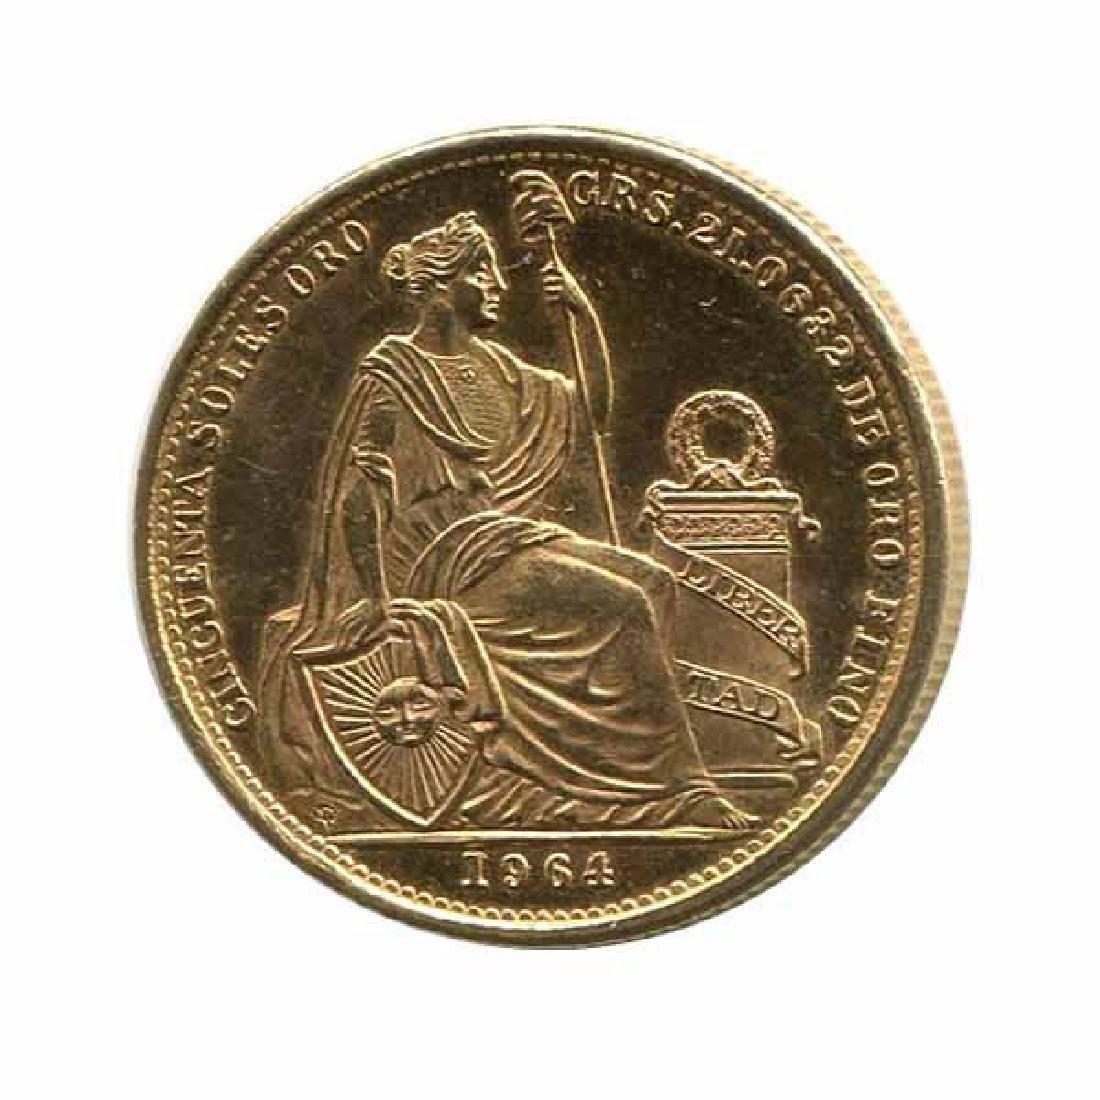 Peru 50 soles gold 1950-1970